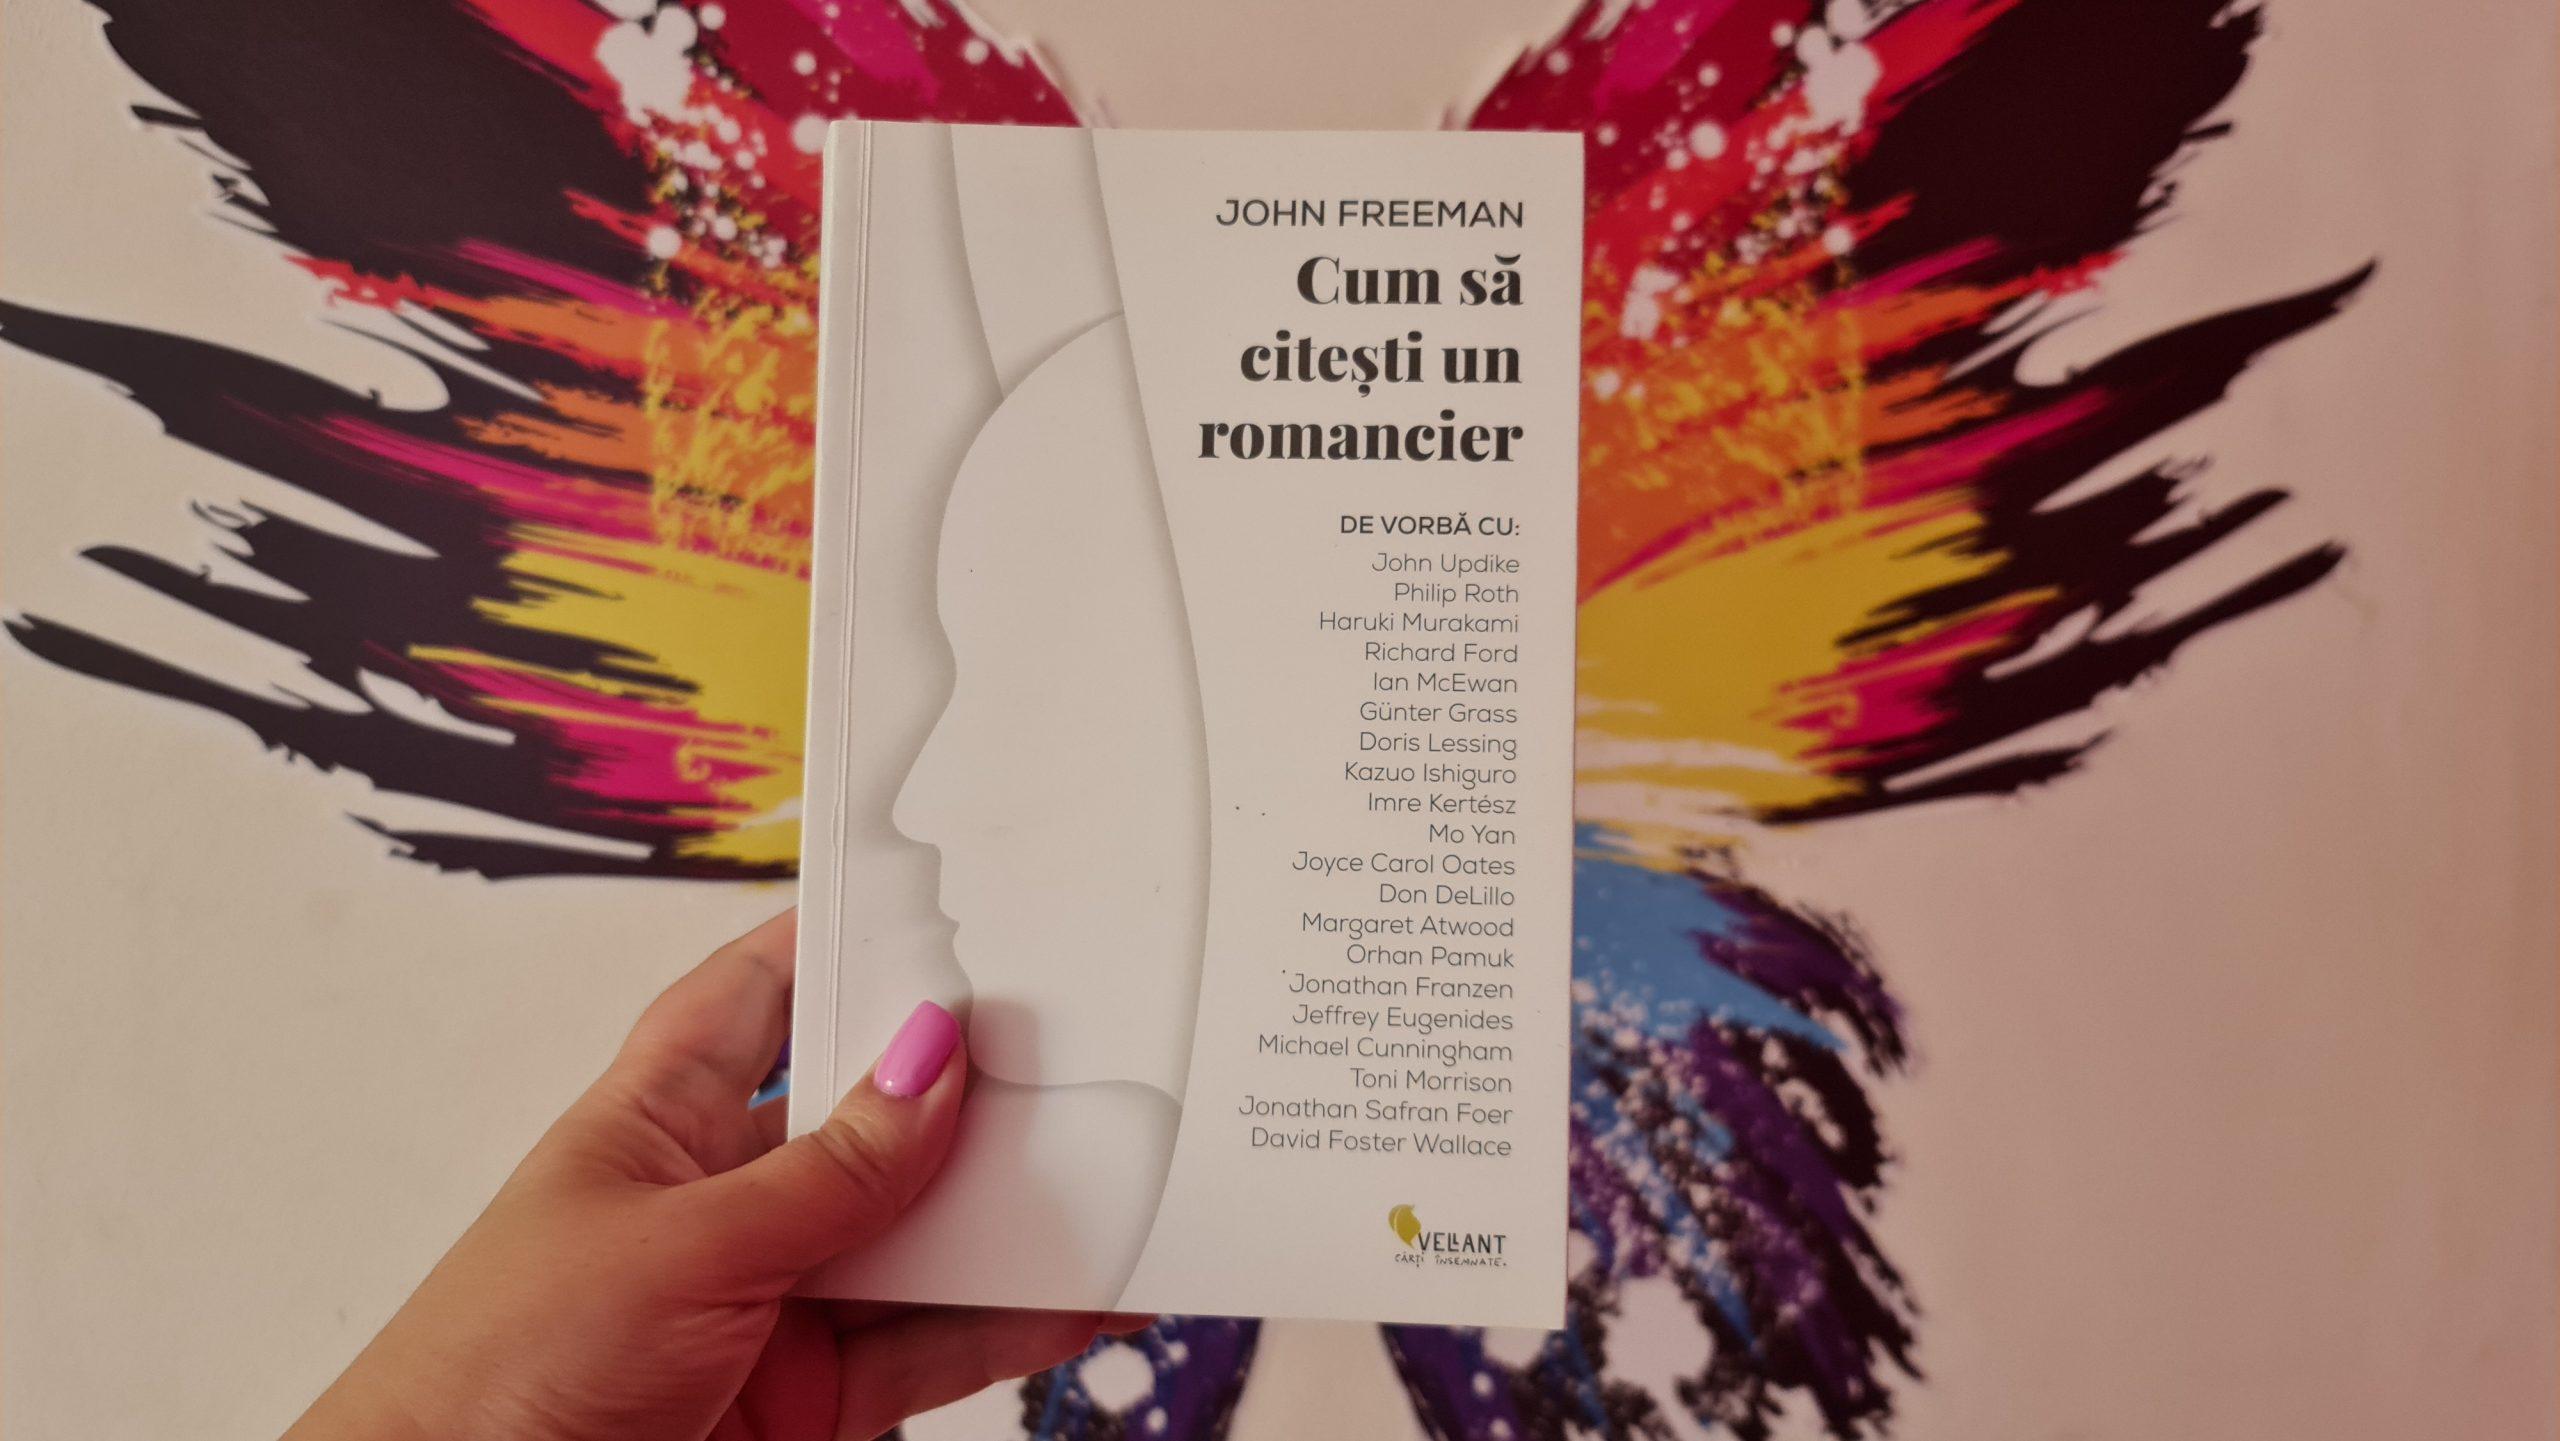 Cum să citești un romancier